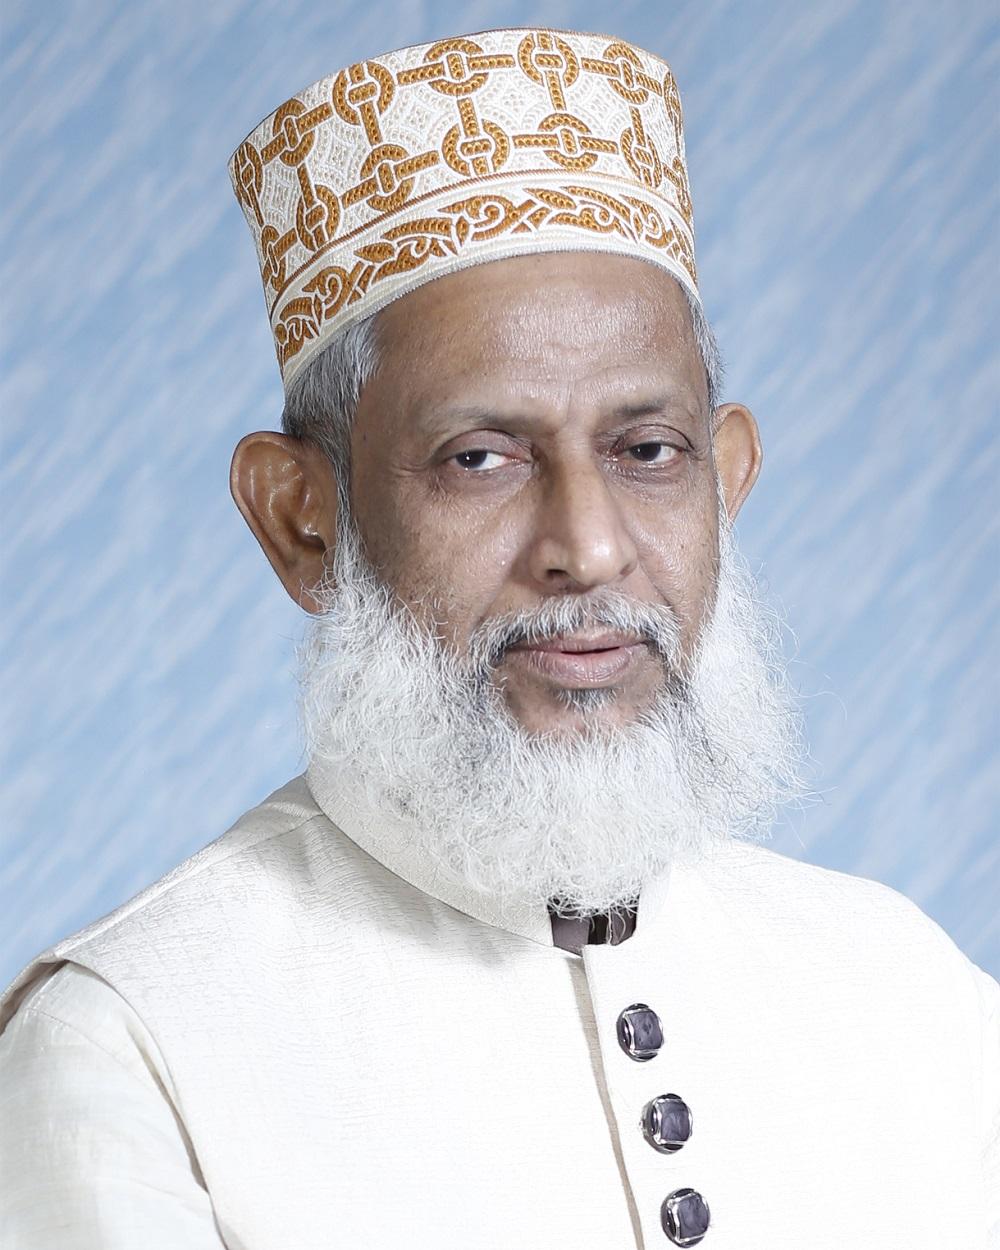 ইসলামিক ফাউন্ডেশনের মহাপরিচালক, সামীম মোহাম্মদ আফজাল